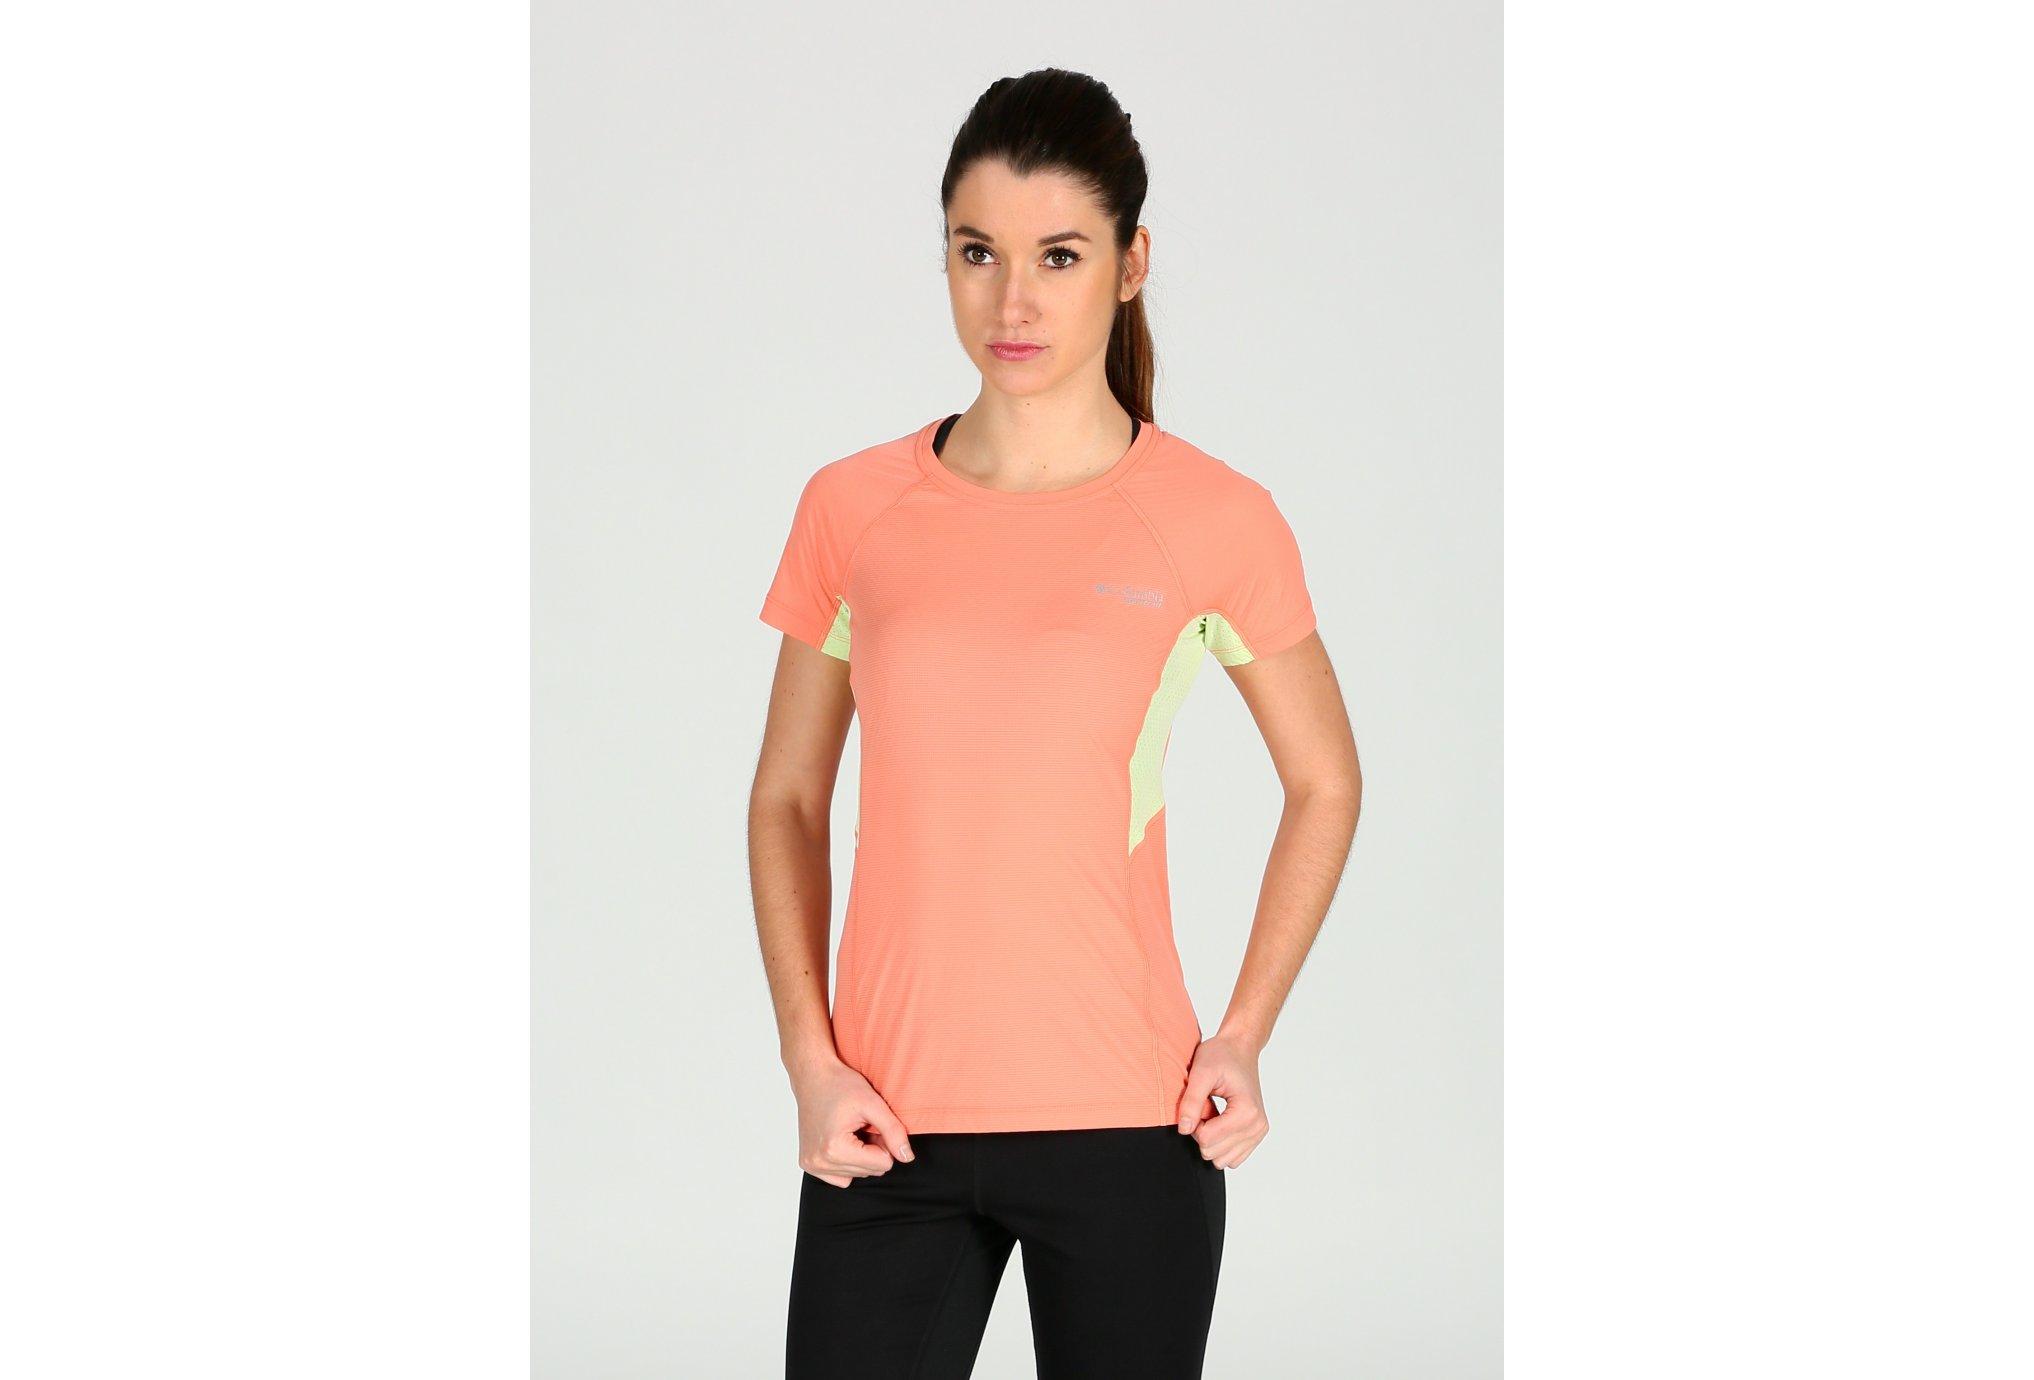 Columbia Titan Ultra W Diététique Vêtements femme